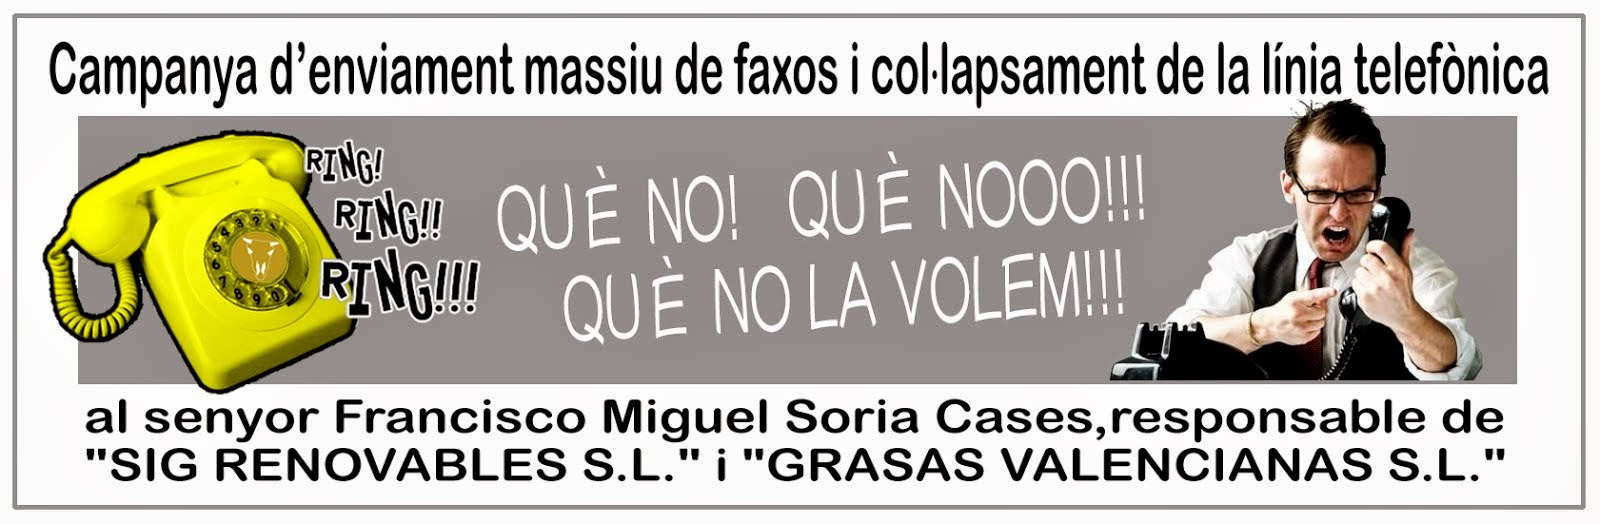 ENVIAMENT MASSIU DE FAXOS I COL·LAPSAMENT DE LA LÍNIA TELEFÒNICA